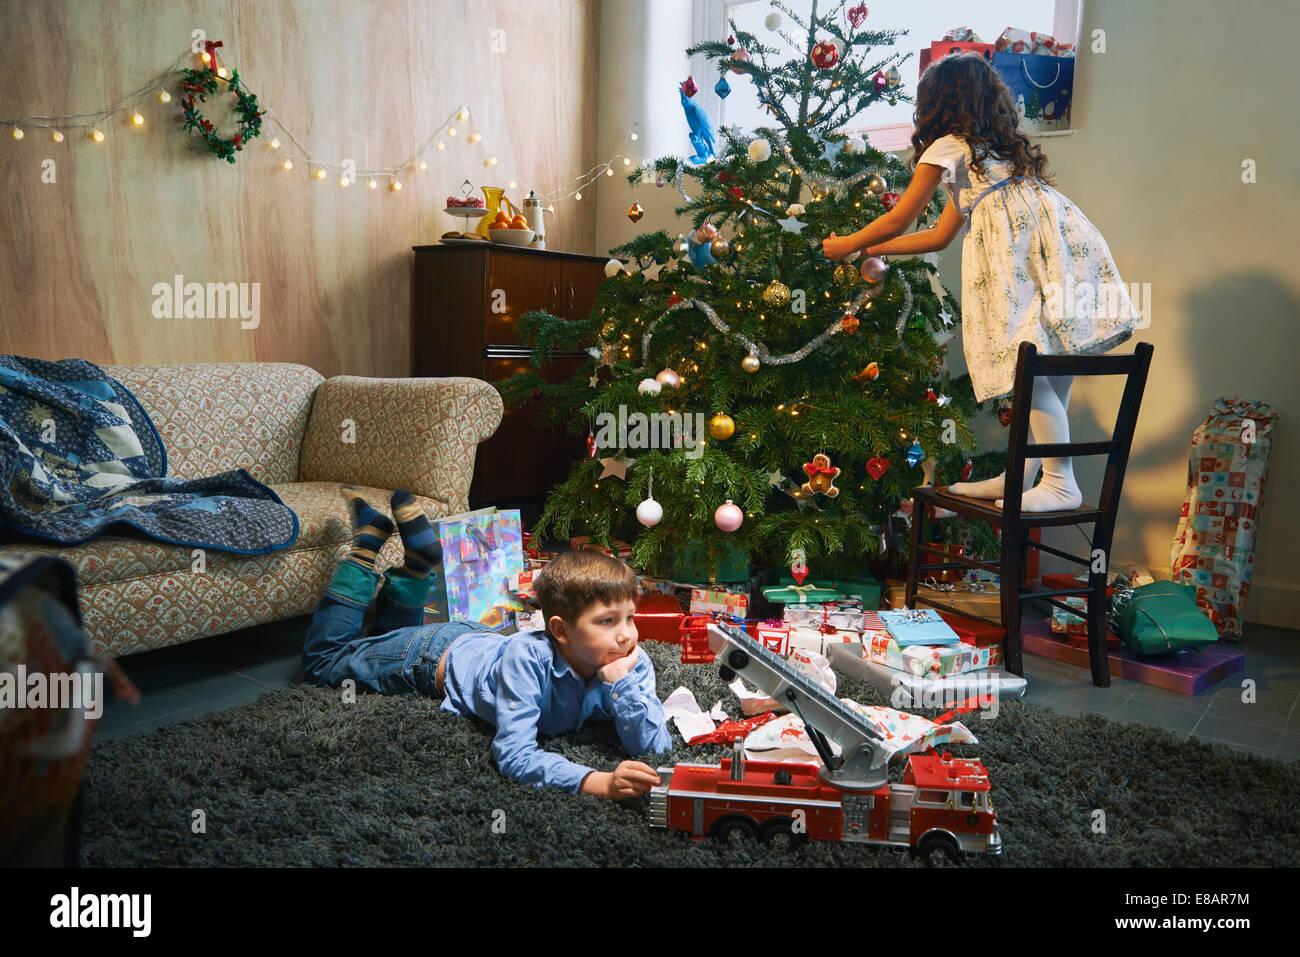 Regali Di Natale Fratello.Ragazza Disponendo Albero Di Natale Mentre Il Fratello Gioca Con I